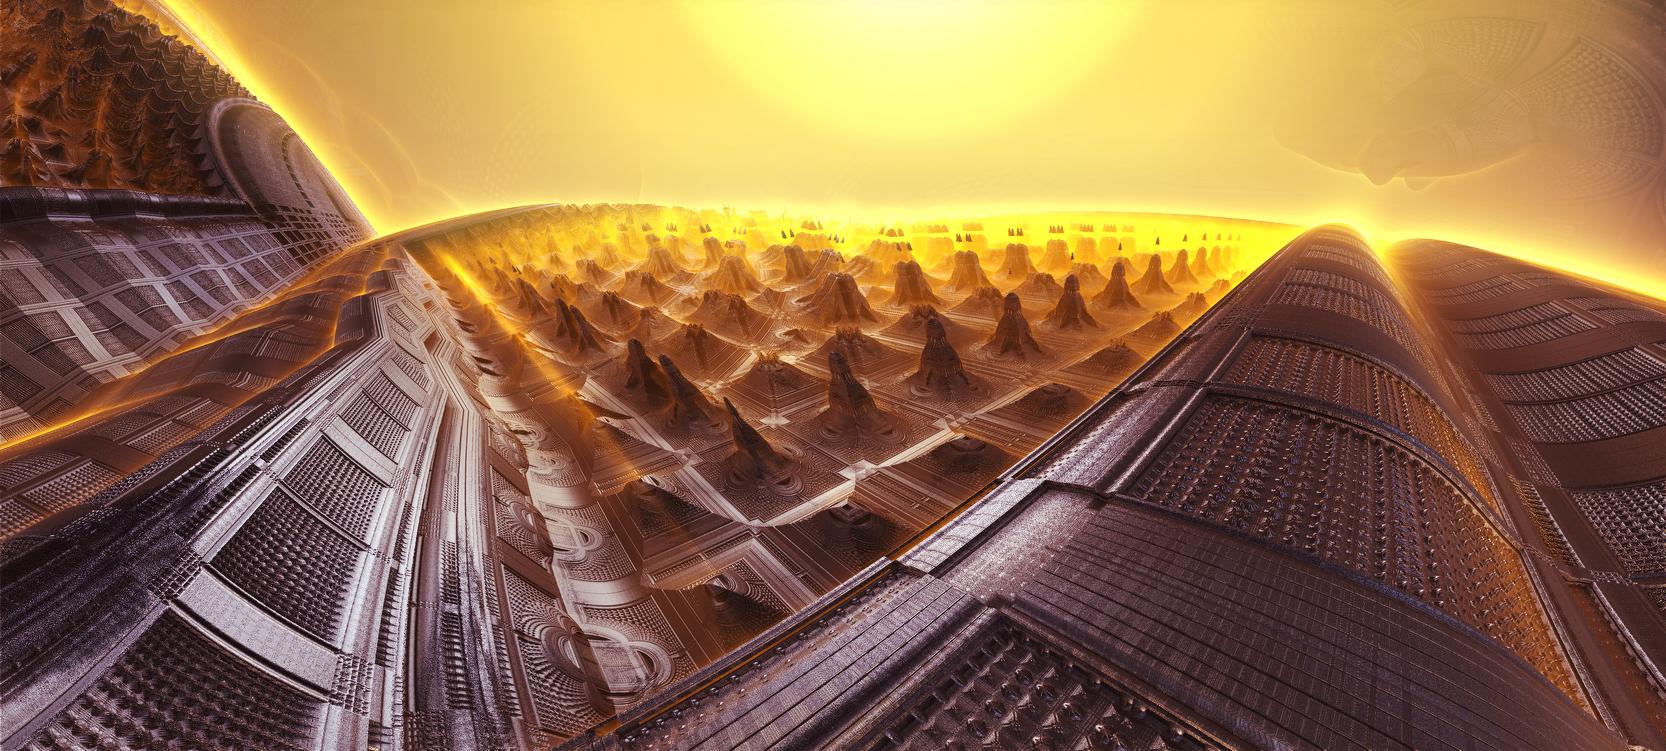 Mobius - Accumulation of solar energy